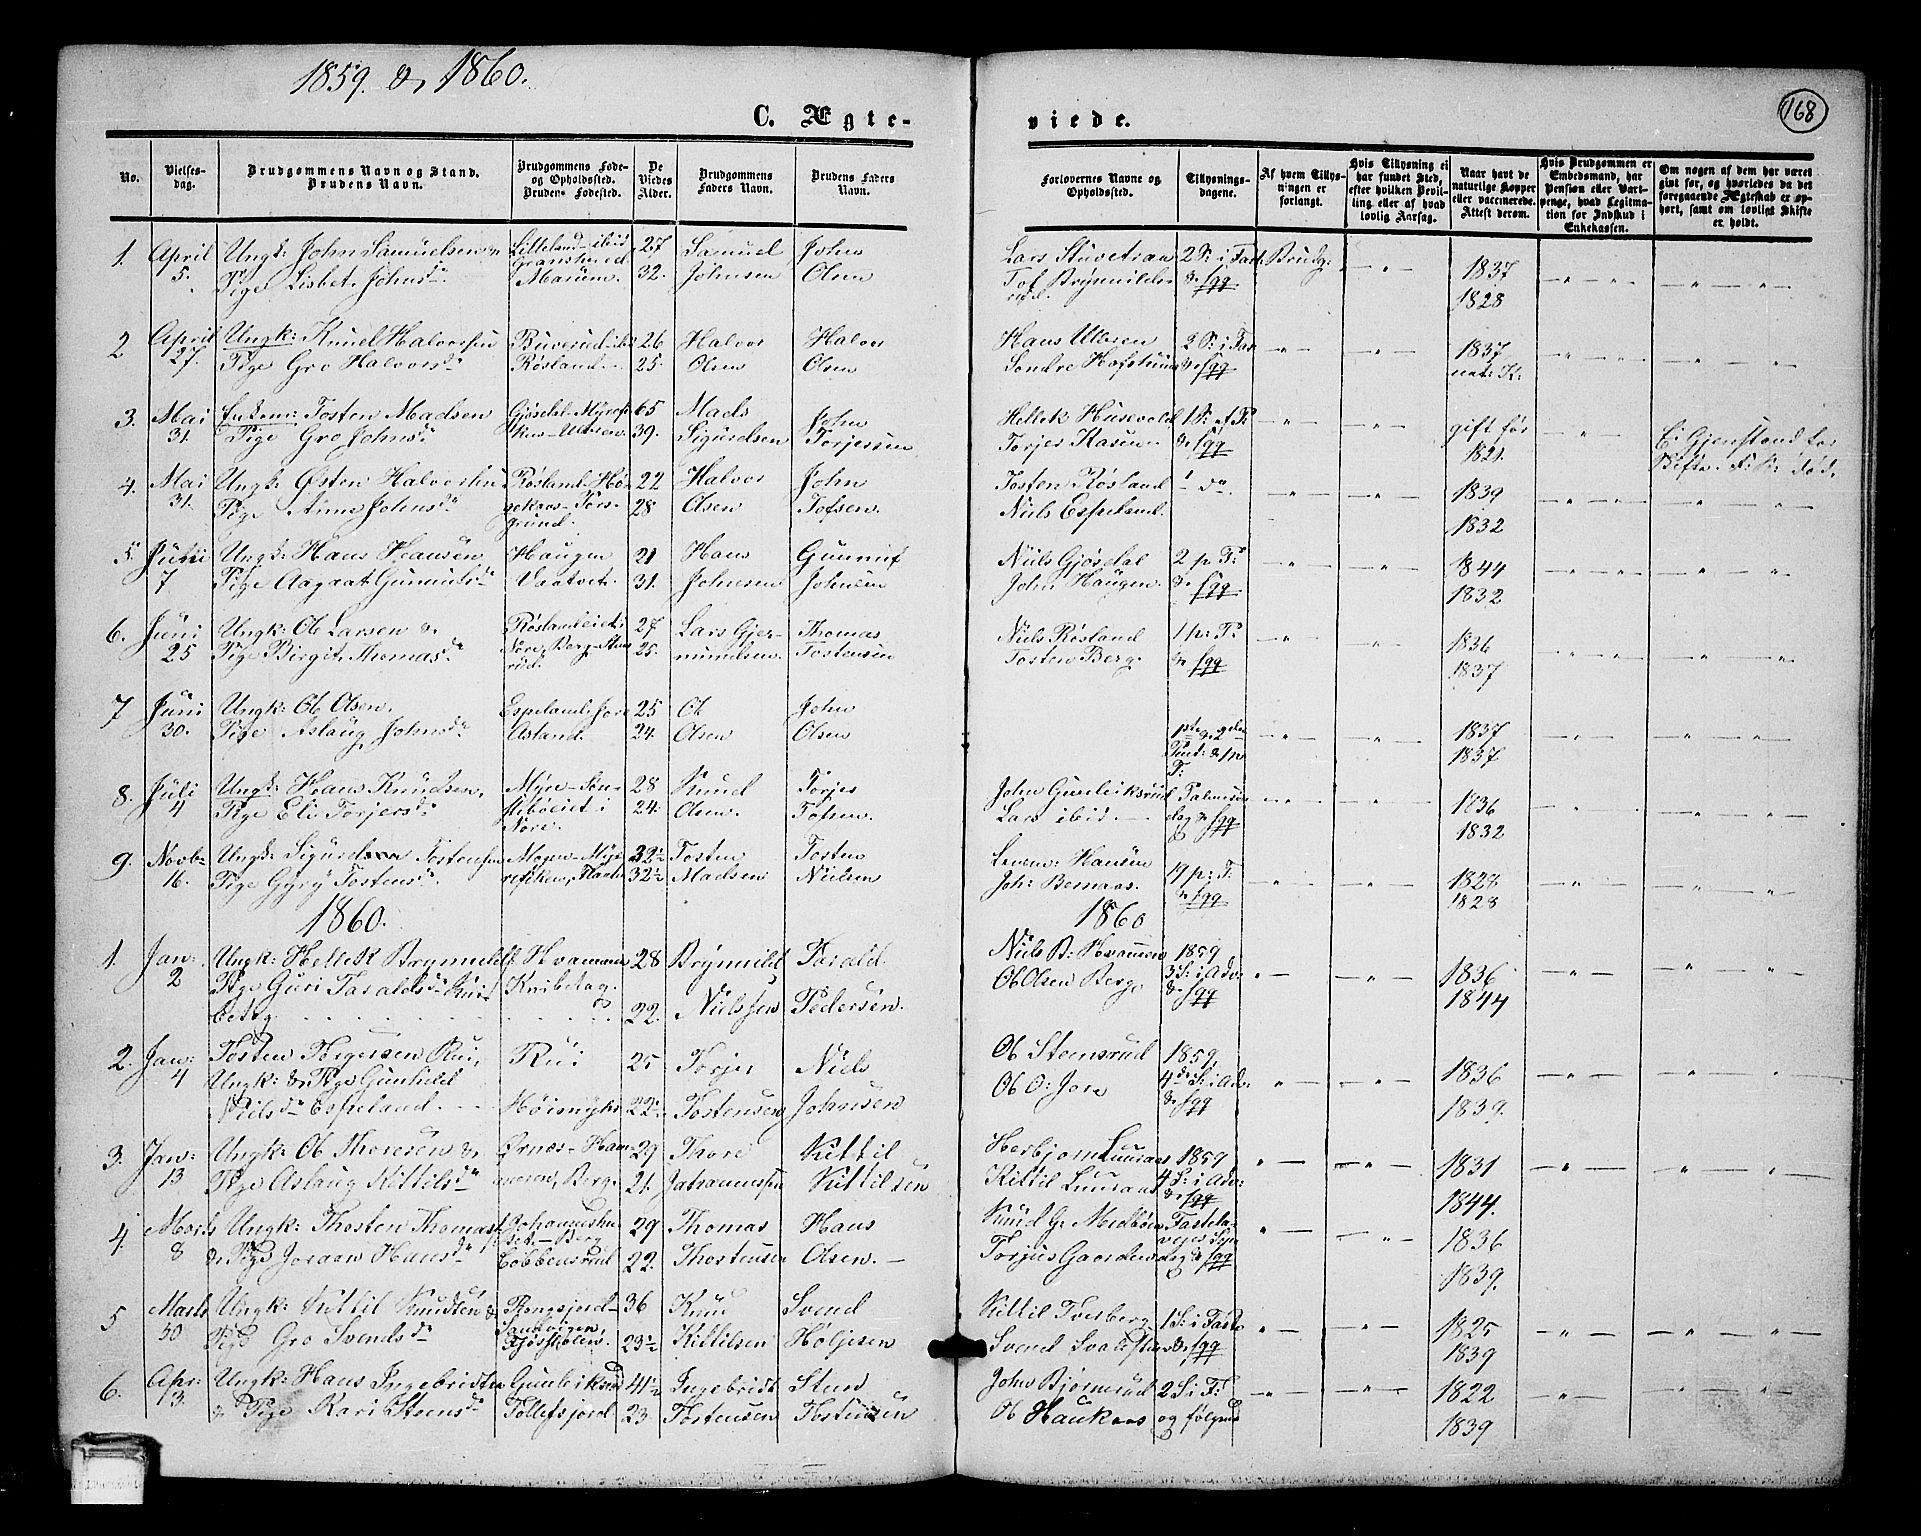 SAKO, Tinn kirkebøker, G/Ga/L0002: Klokkerbok nr. I 2, 1851-1883, s. 168